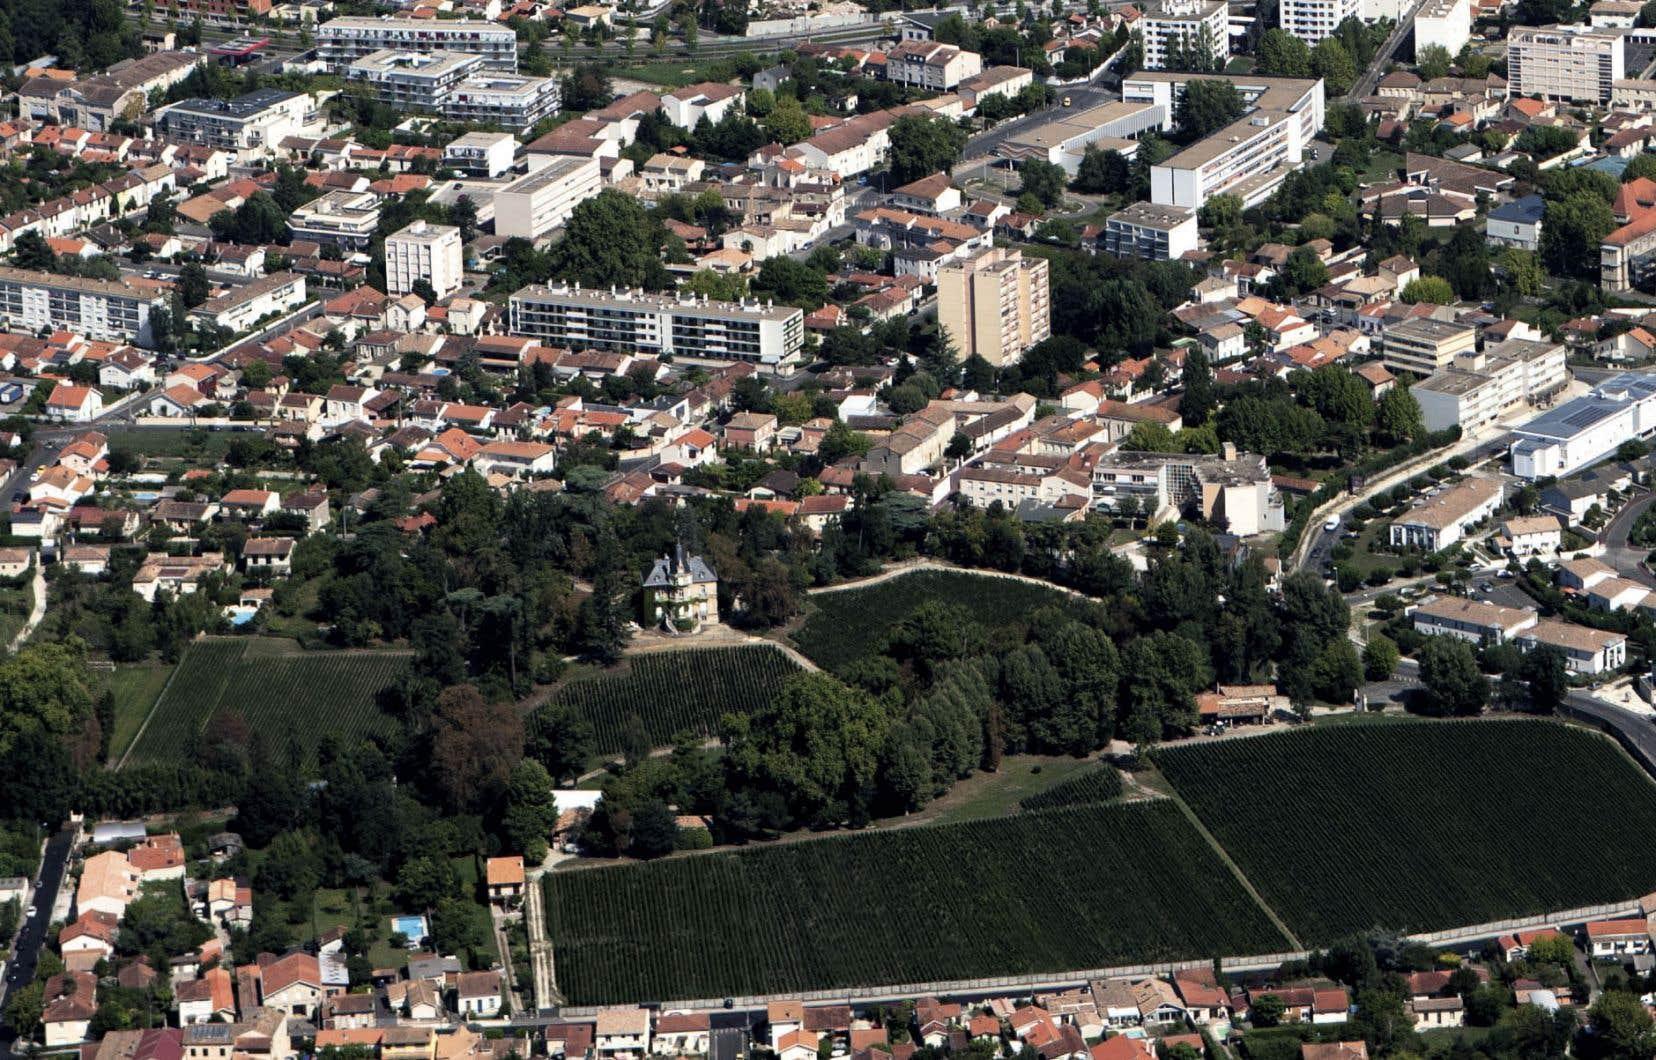 Le château Les Carmes Haut-Brion est cerné par l'étalement urbain bordelais.